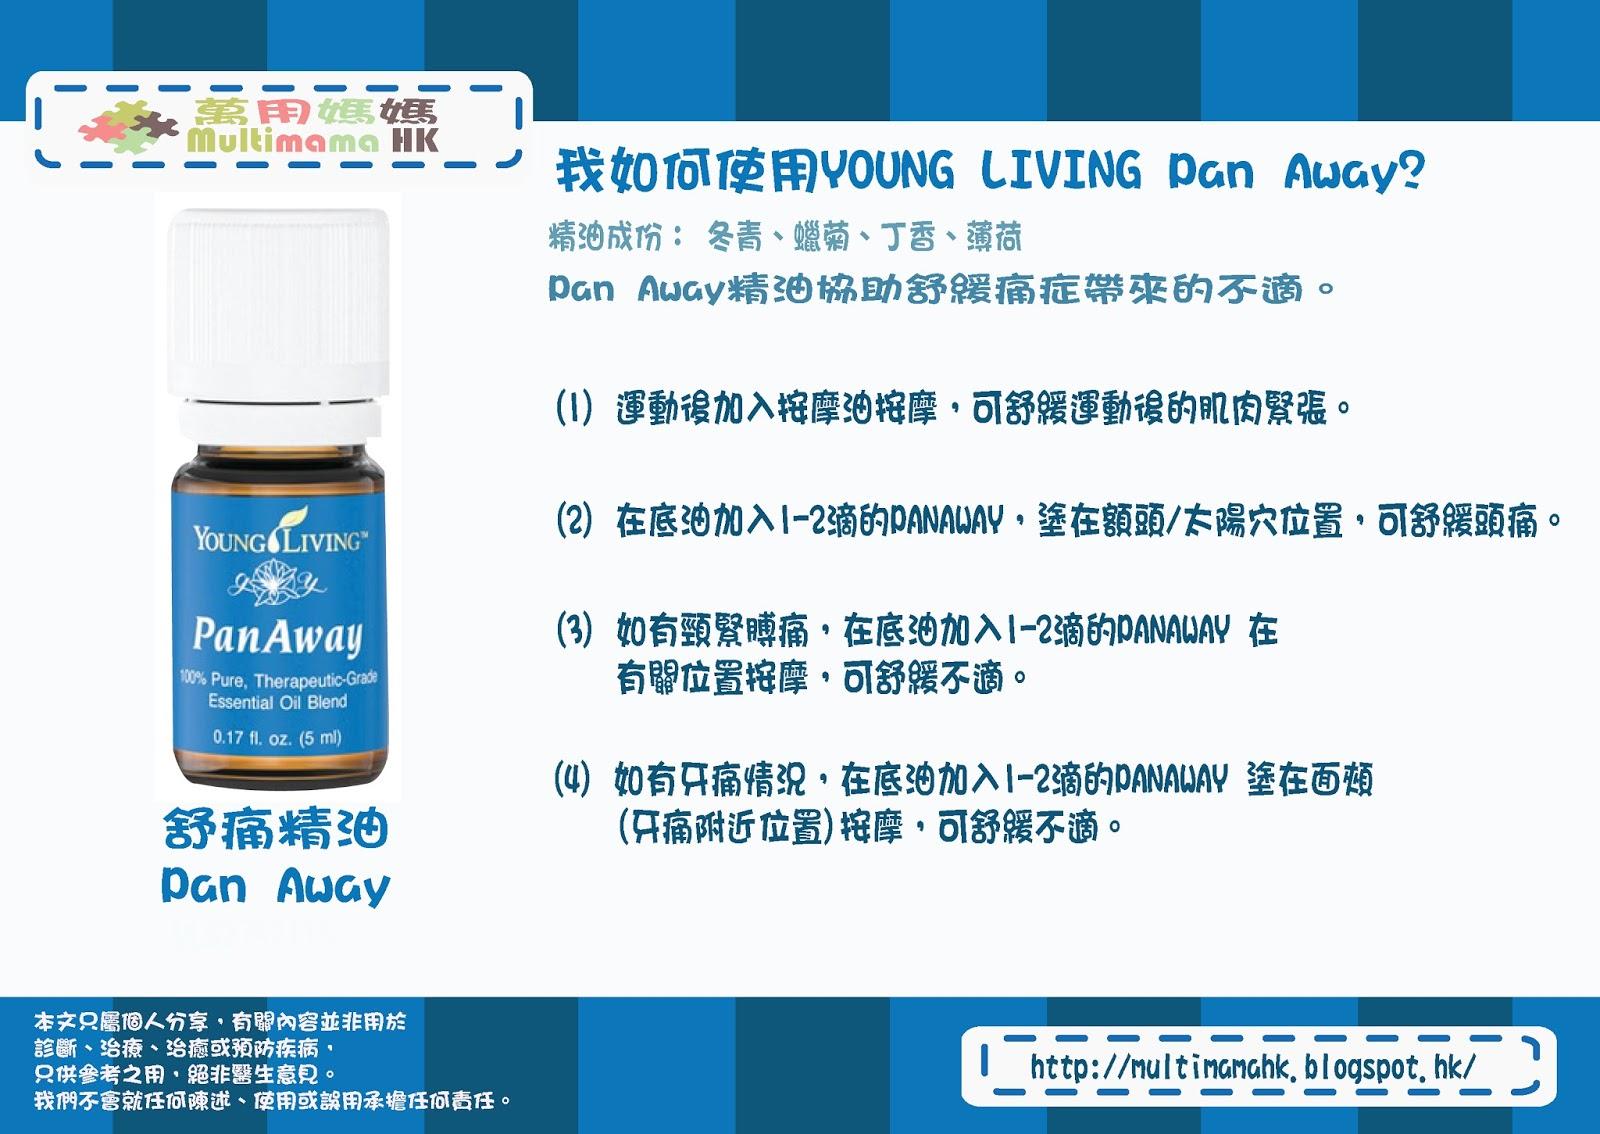 萬用媽媽 Mulitmama HK : Pan Away舒痛精油 – 請痛症及早離開